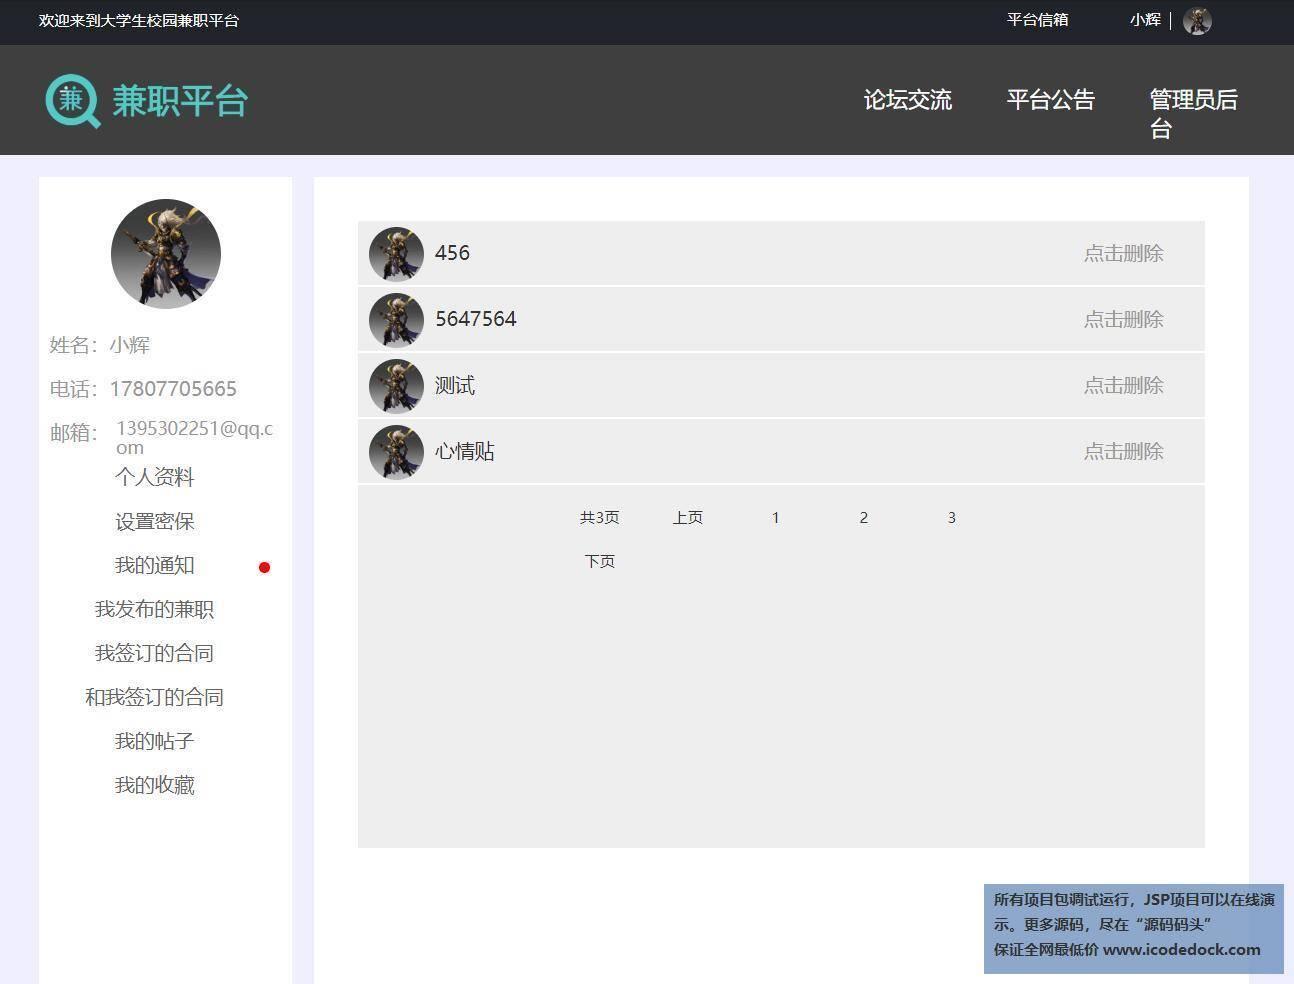 源码码头-SSM学生兼职项目网站-用户角色-我的帖子